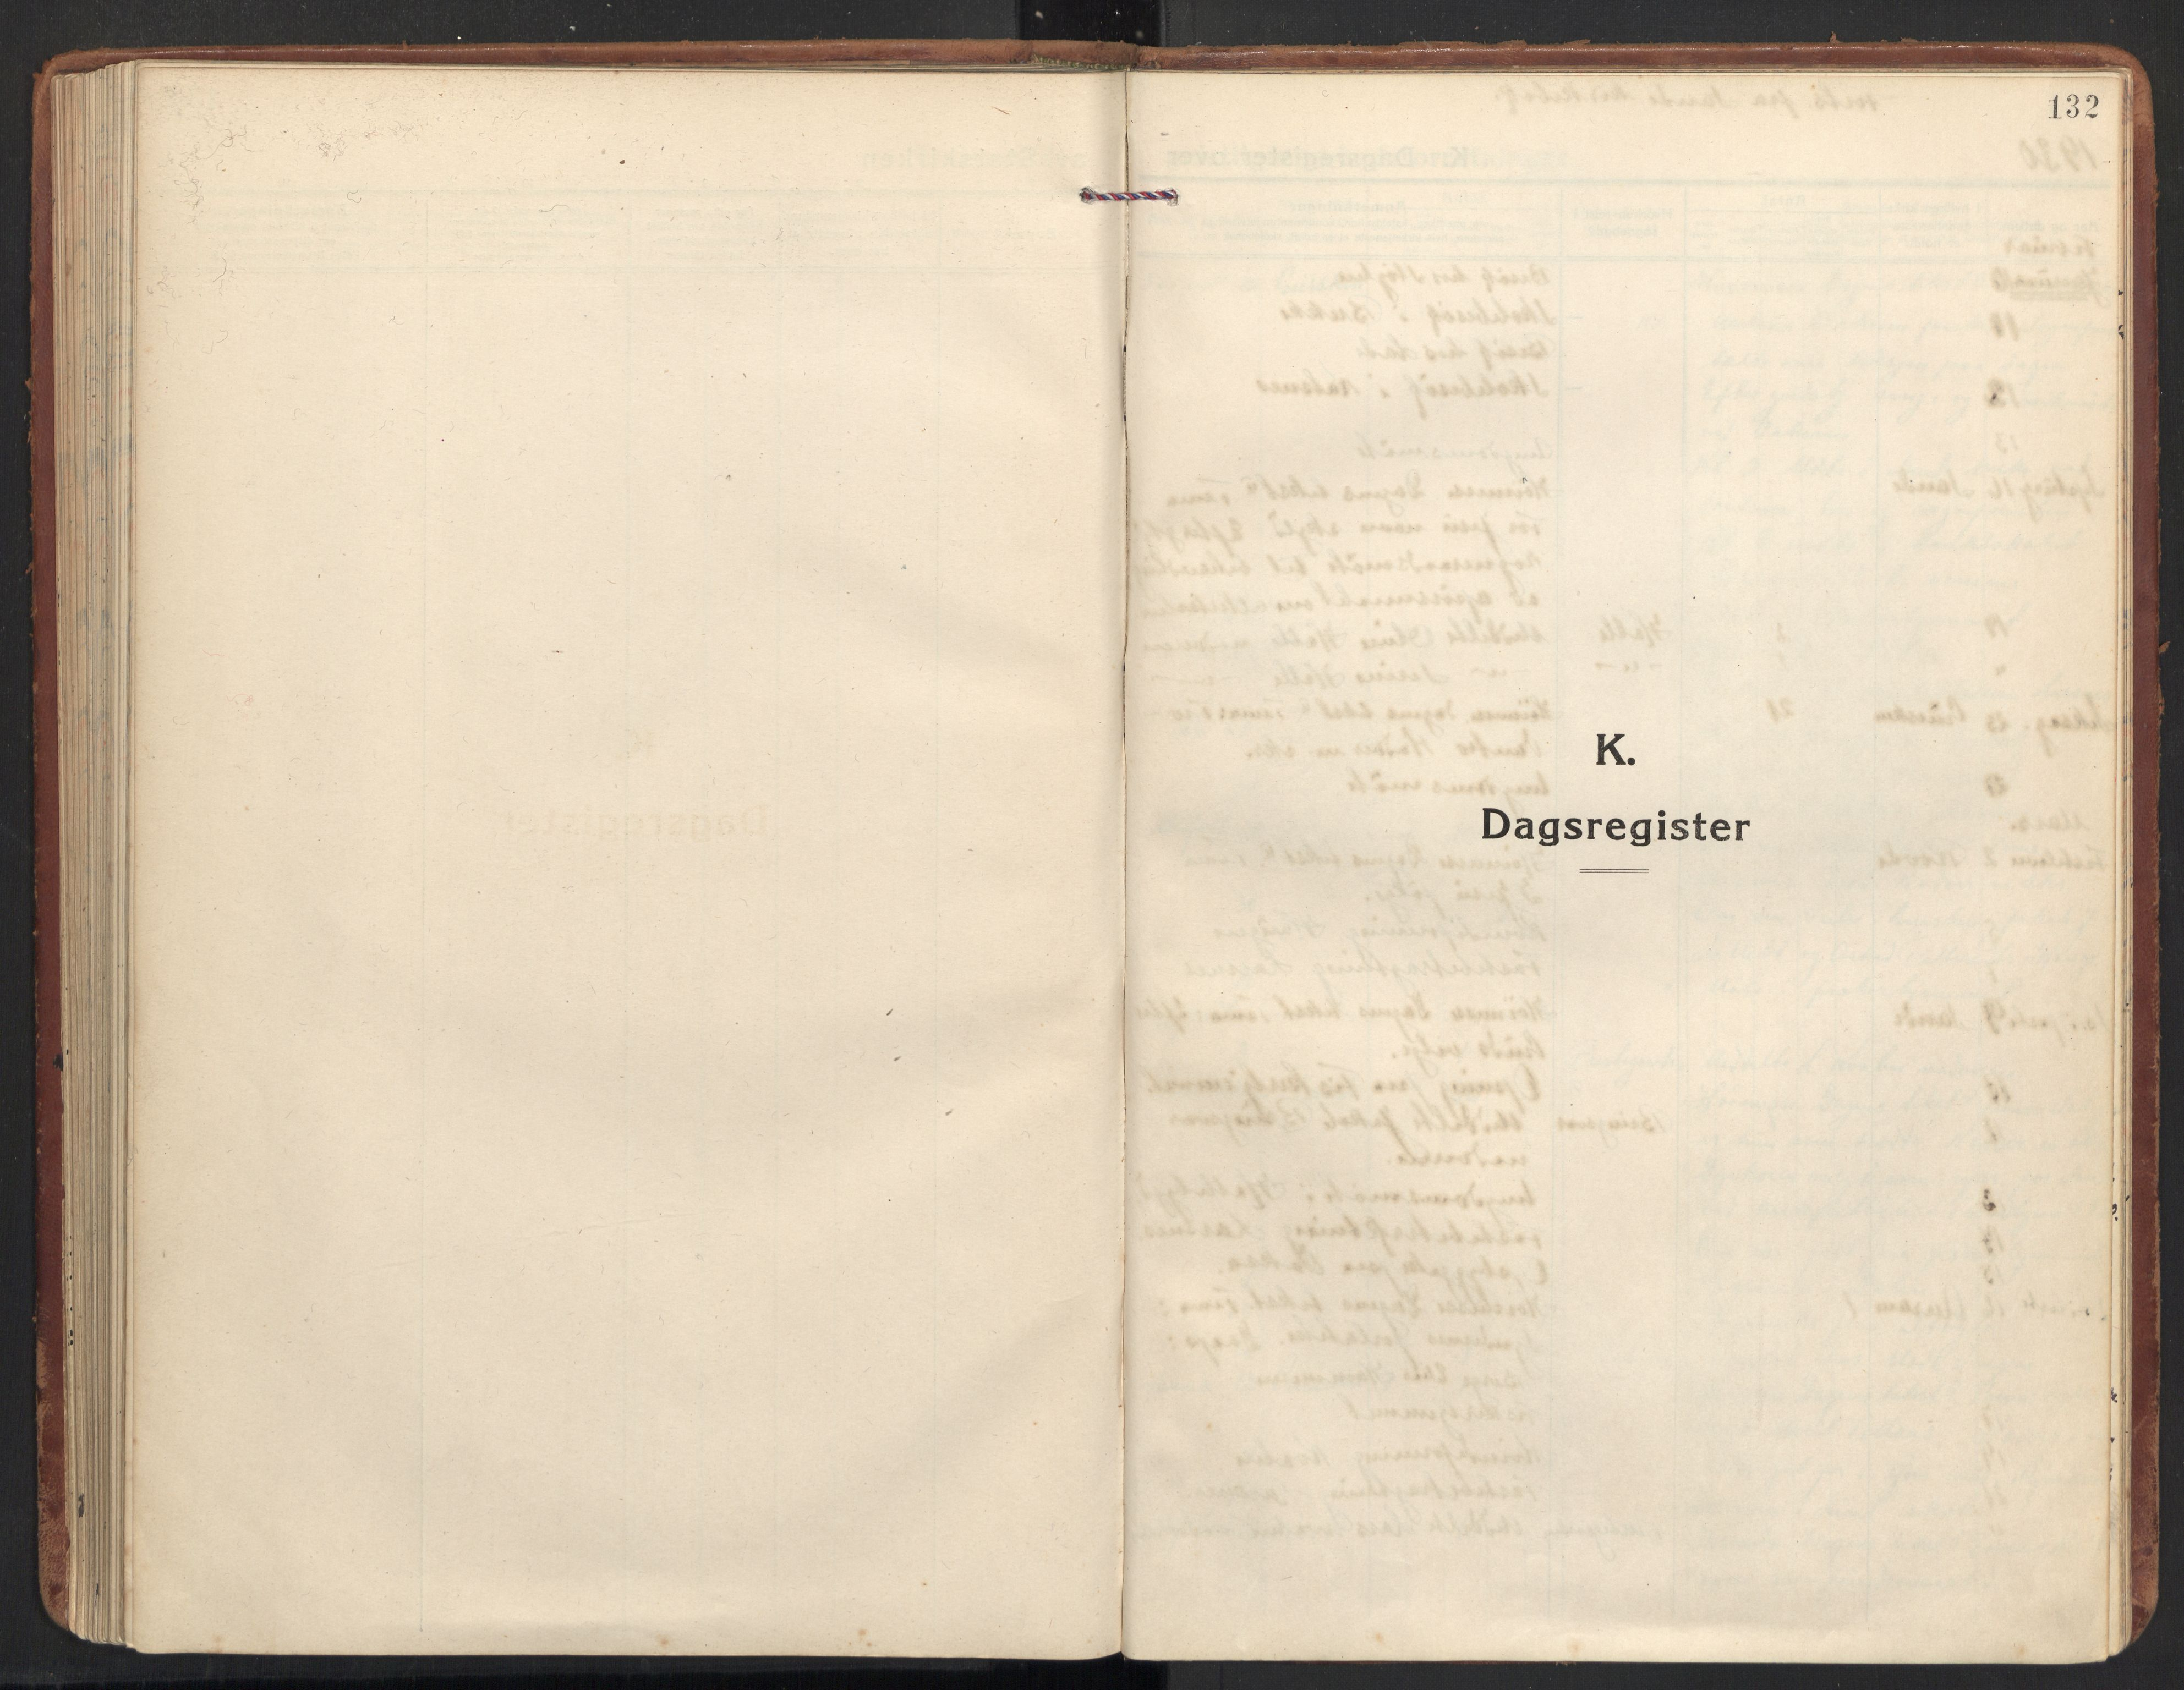 SAT, Ministerialprotokoller, klokkerbøker og fødselsregistre - Møre og Romsdal, 504/L0058: Ministerialbok nr. 504A05, 1920-1940, s. 132